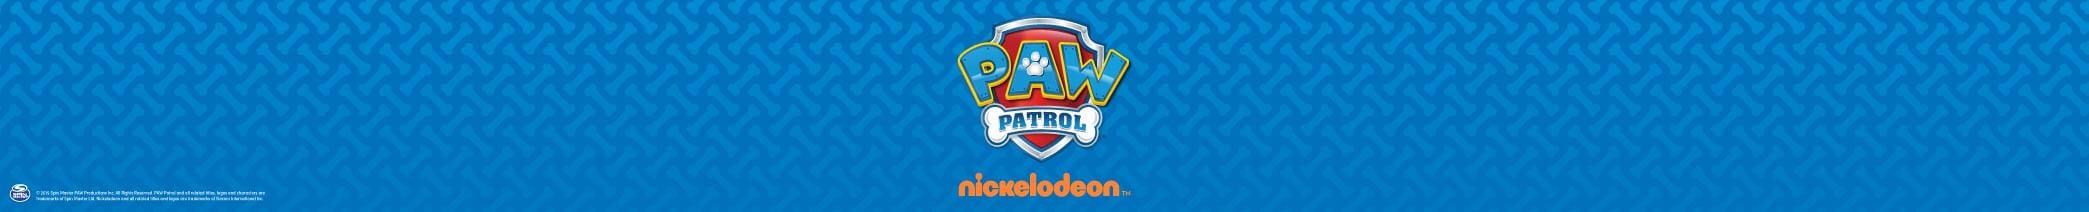 Paw Patrol Plush Banner